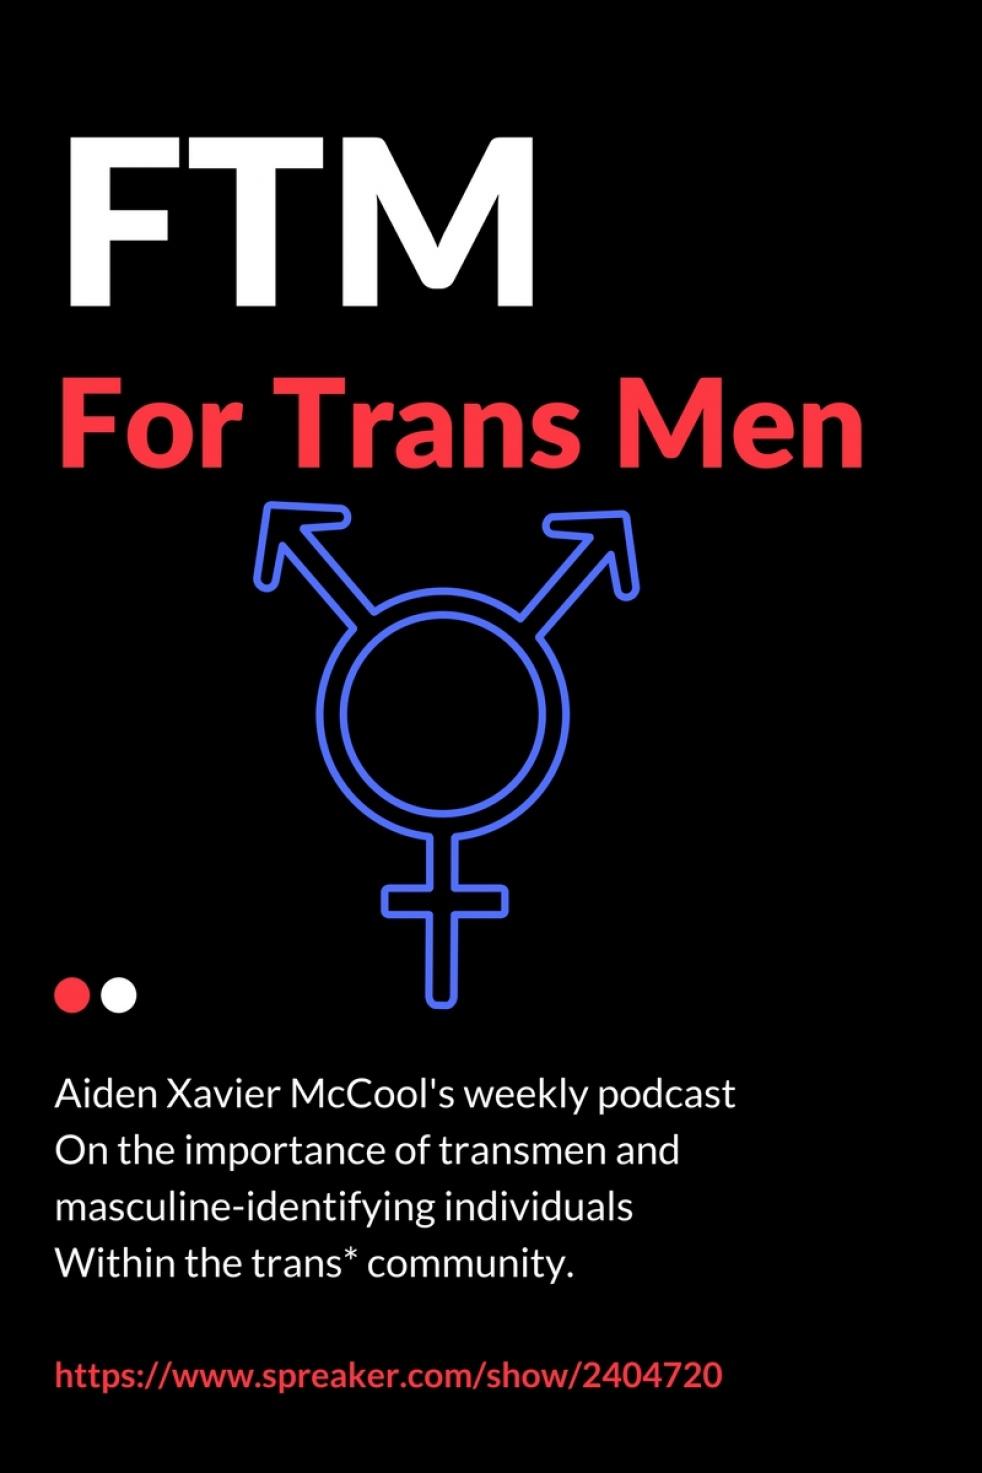 FTM - For Trans Men - show cover